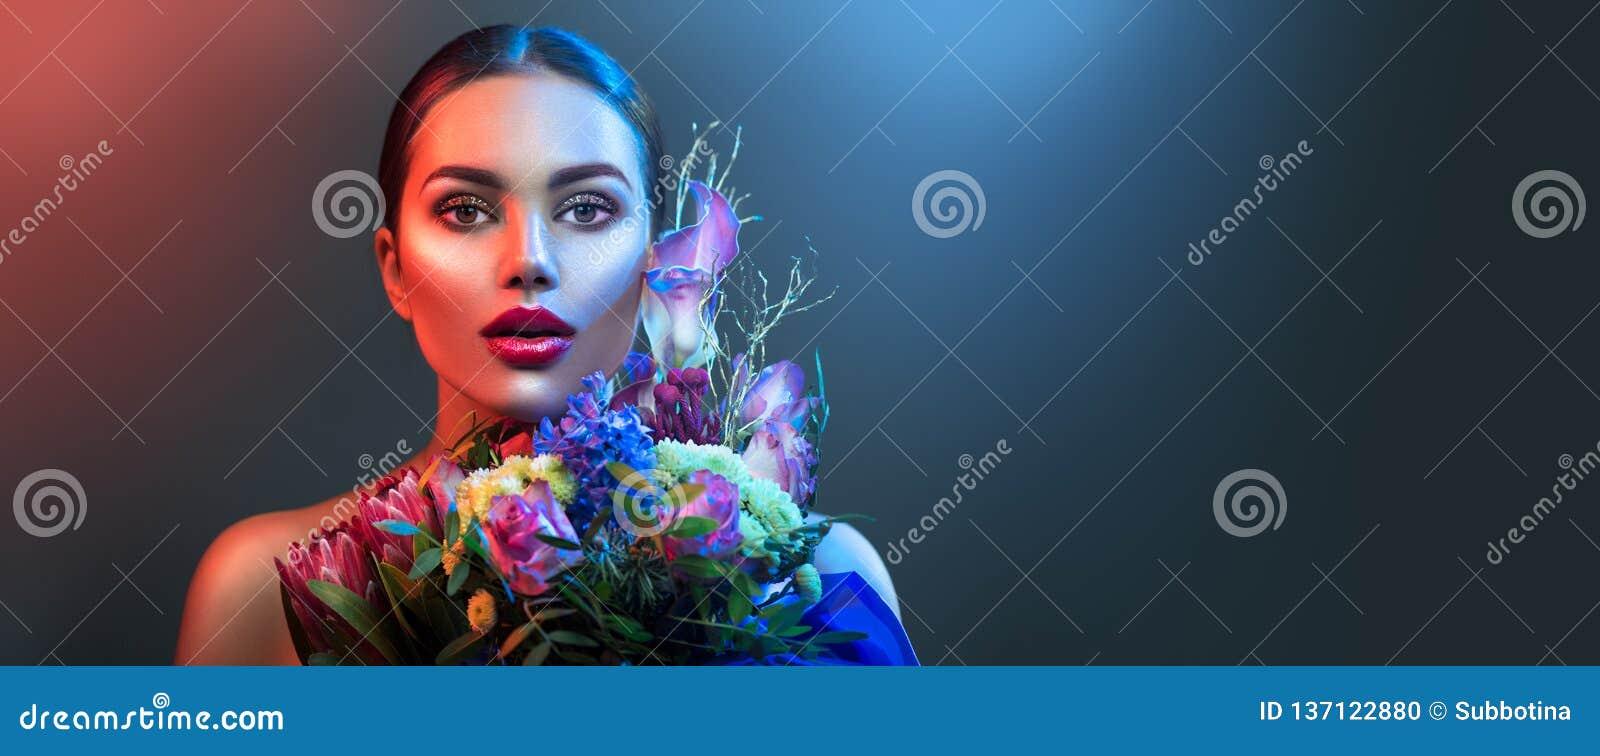 Mujer del modelo de moda en la luz de neón Muchacha modelo hermosa con maquillaje fluorescente brillante colorido